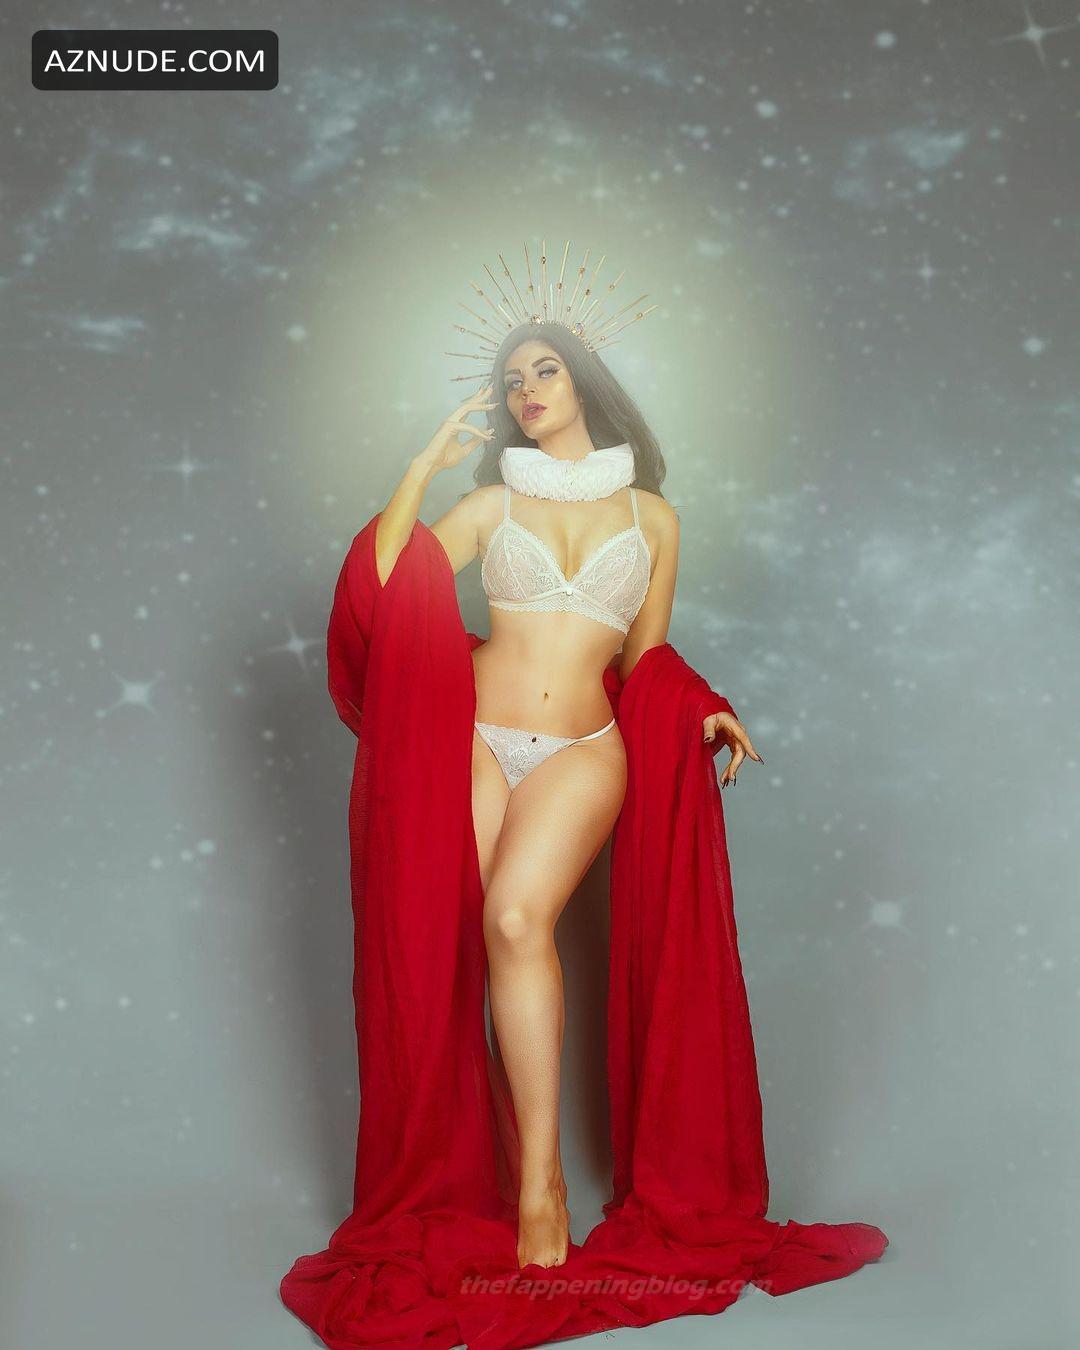 Valeria nackt Correa Nackt Am